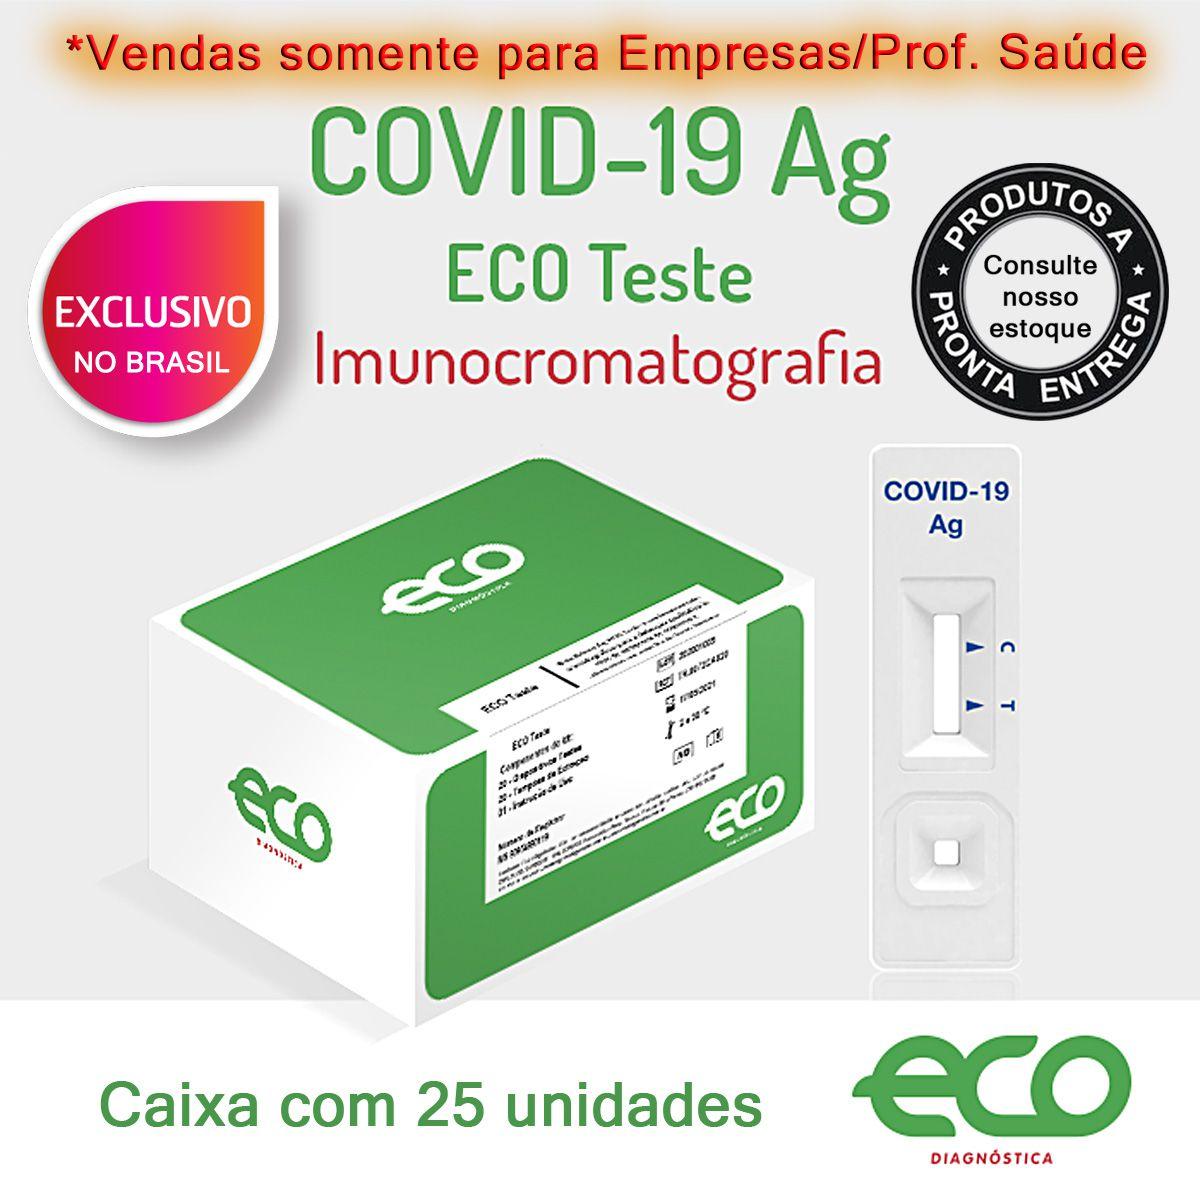 Teste Rápido COVID-19 Ag - Antígeno - Caixa com 25 unidades  - Testes Para Drogas e COVID-19. Máscaras e Como Parar de Beber e Fumar